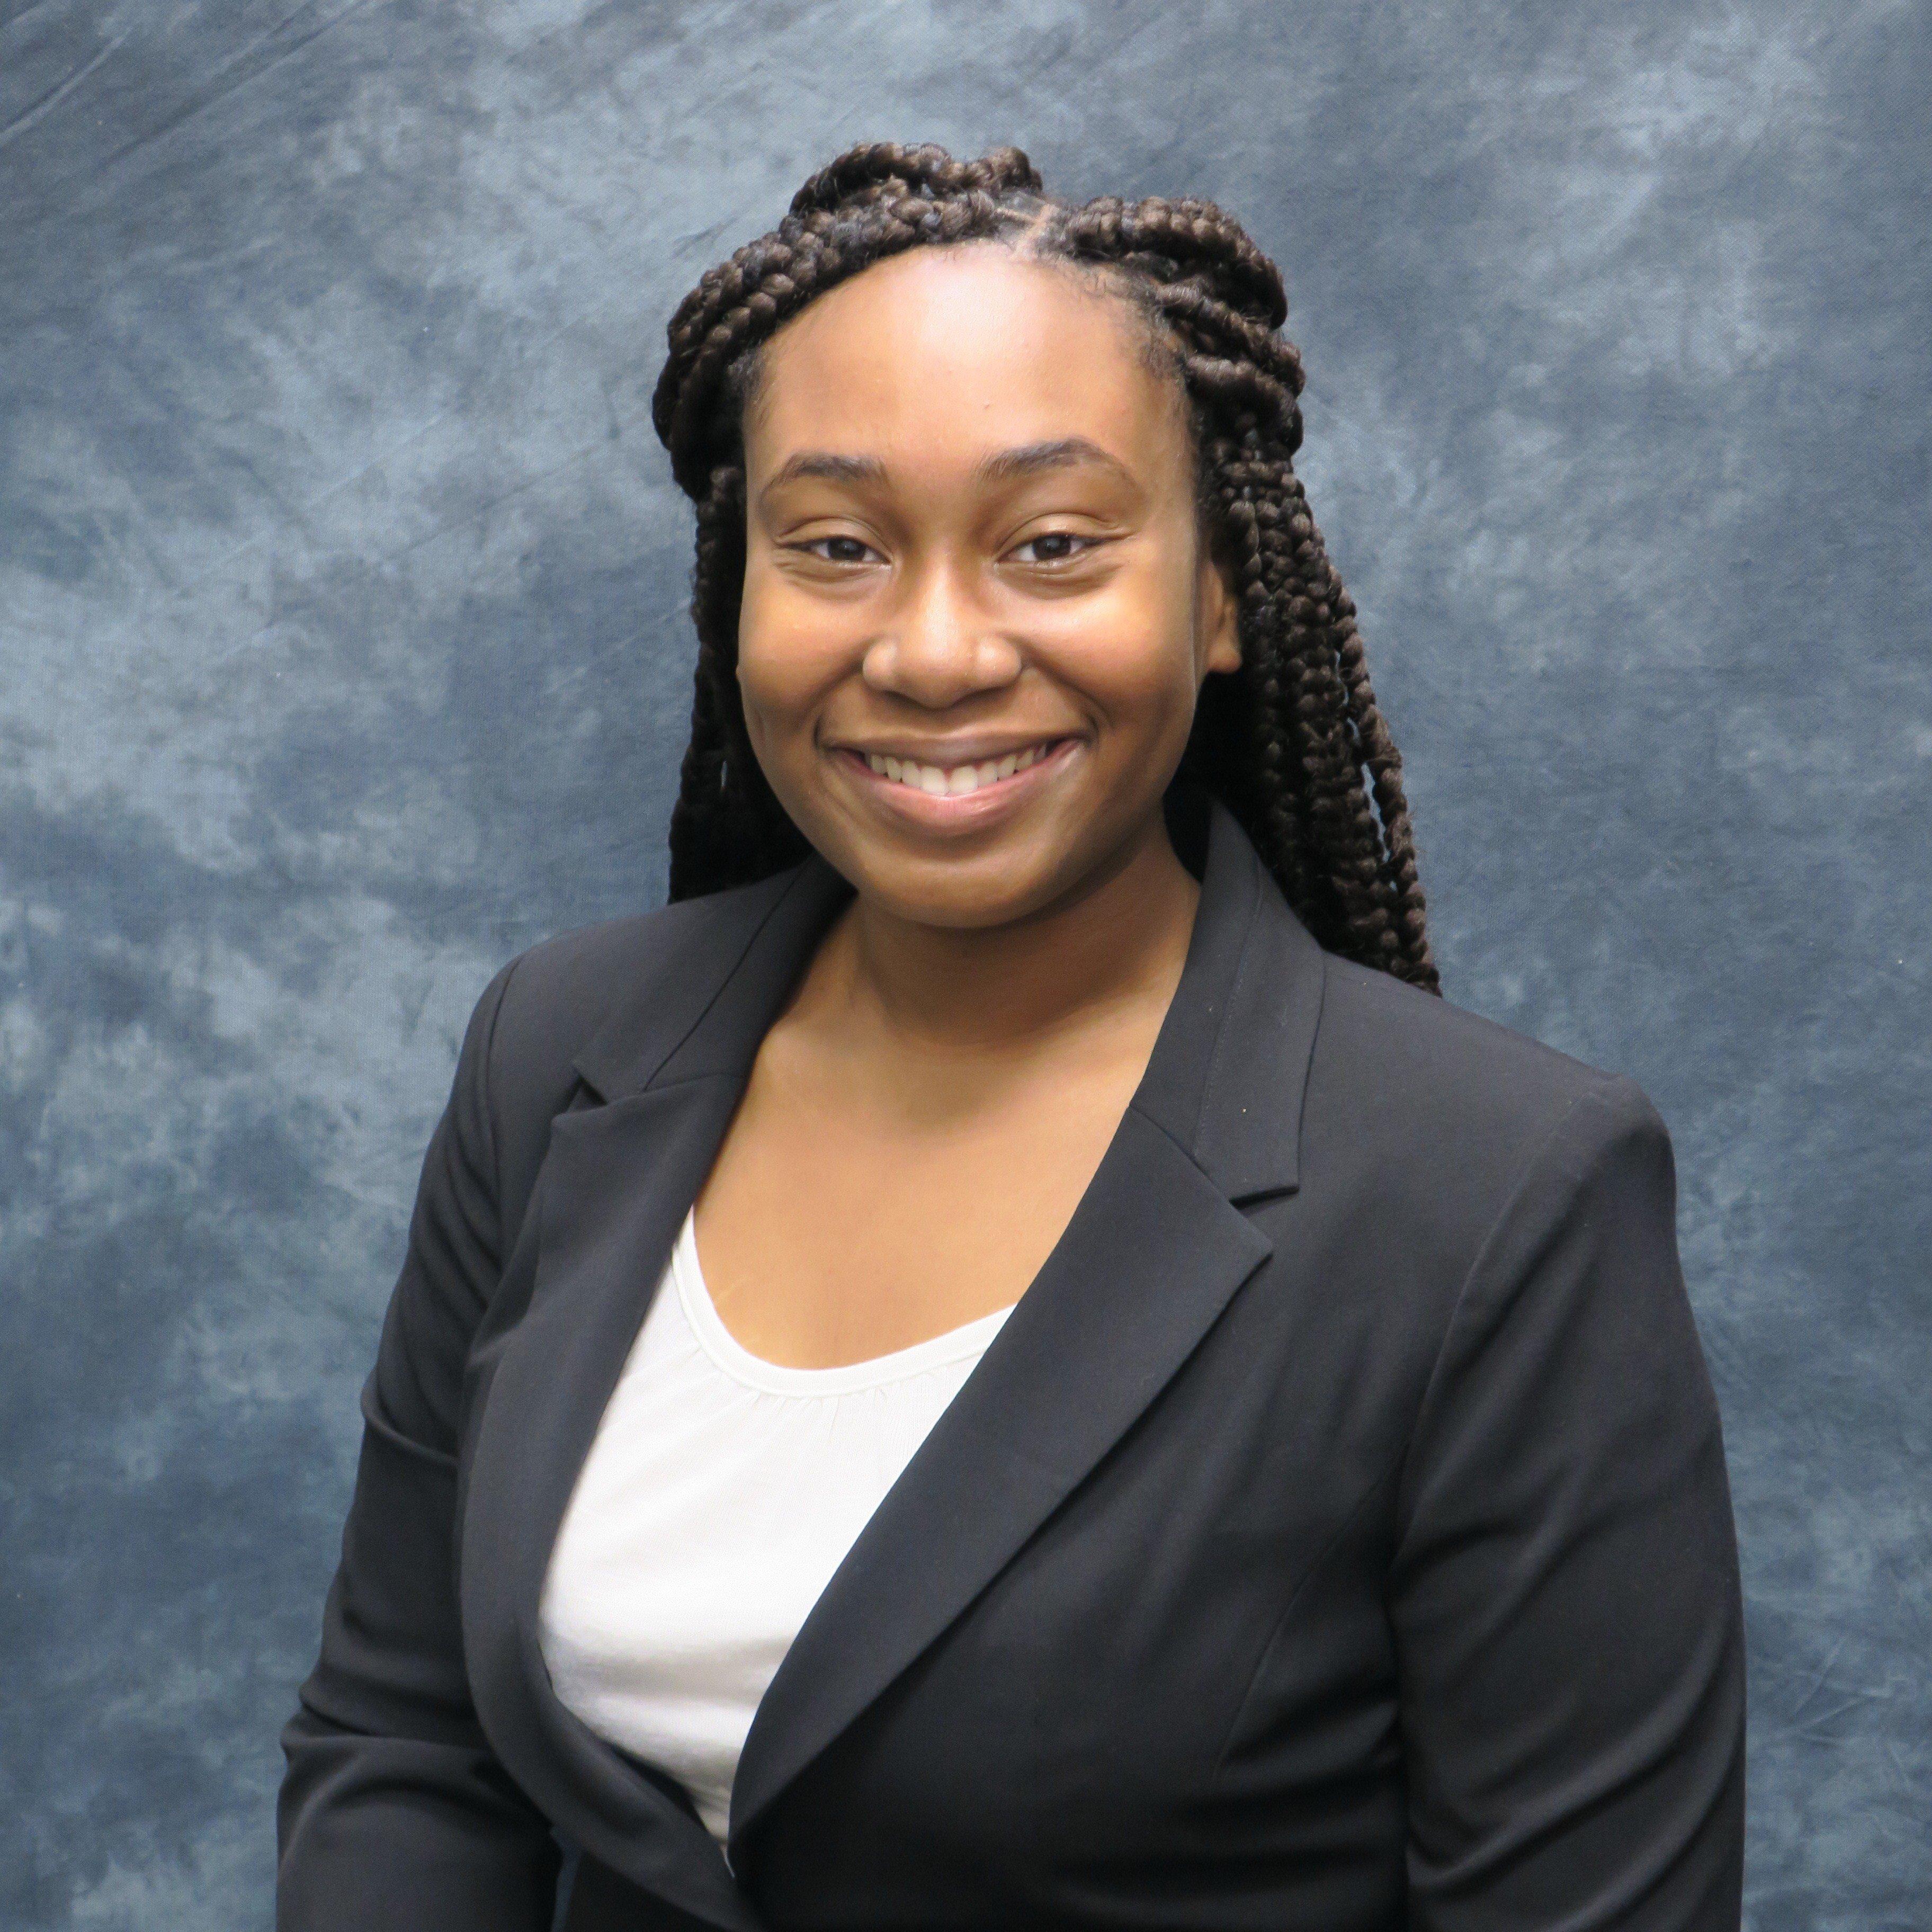 Imani Miles Xavier University of Louisiana